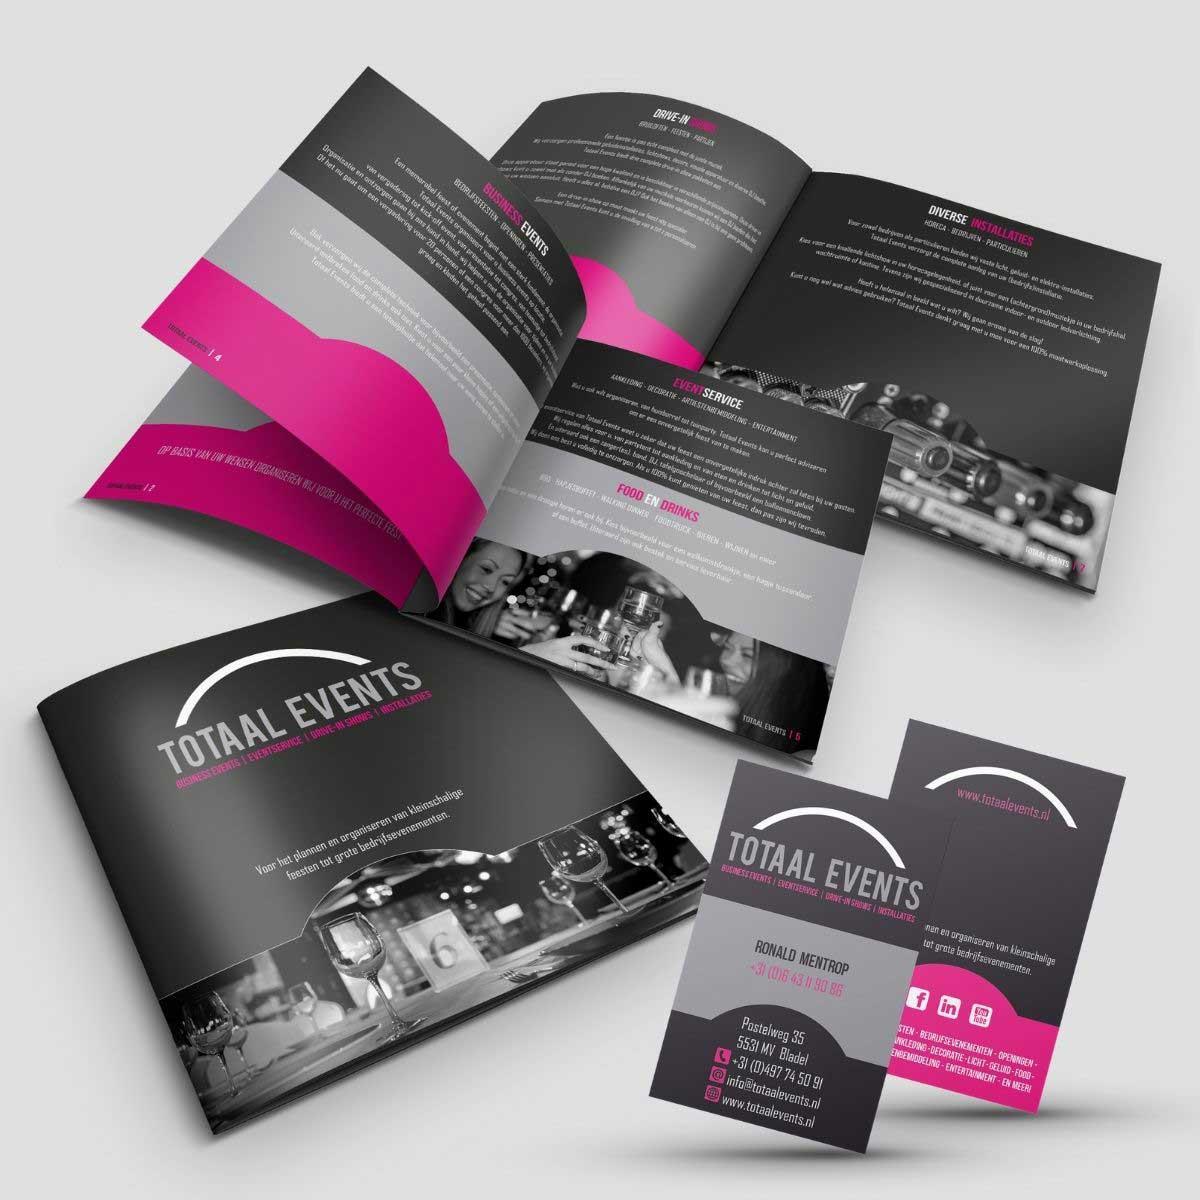 Ontwerp en DTP brochure, visitekaartjes voor Totaal Events.